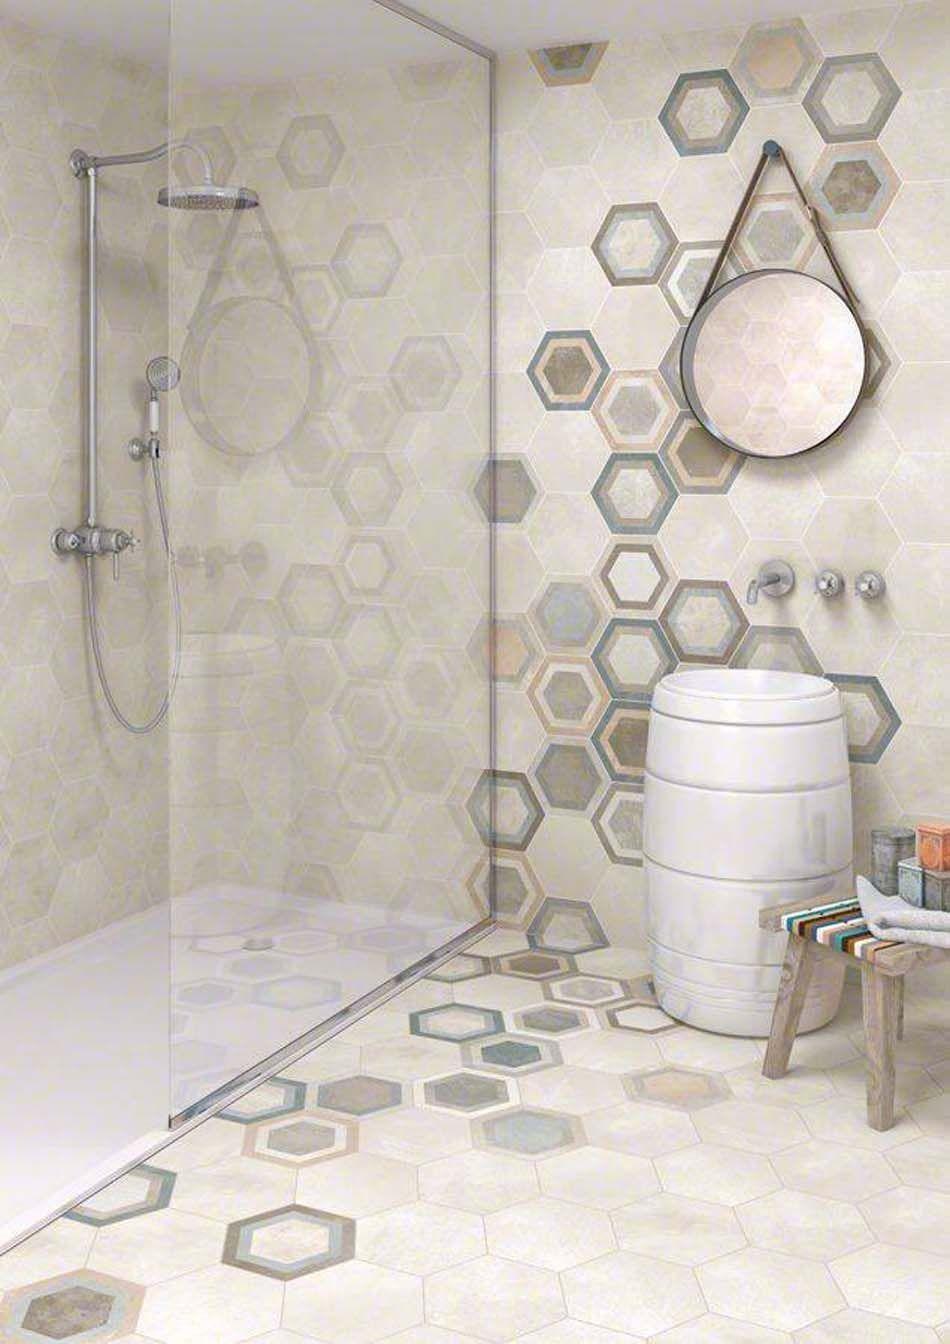 Carrelage design l inspiration g om trique pour la salle de bains walls paper tile etc - Marokkanische bodenfliesen ...